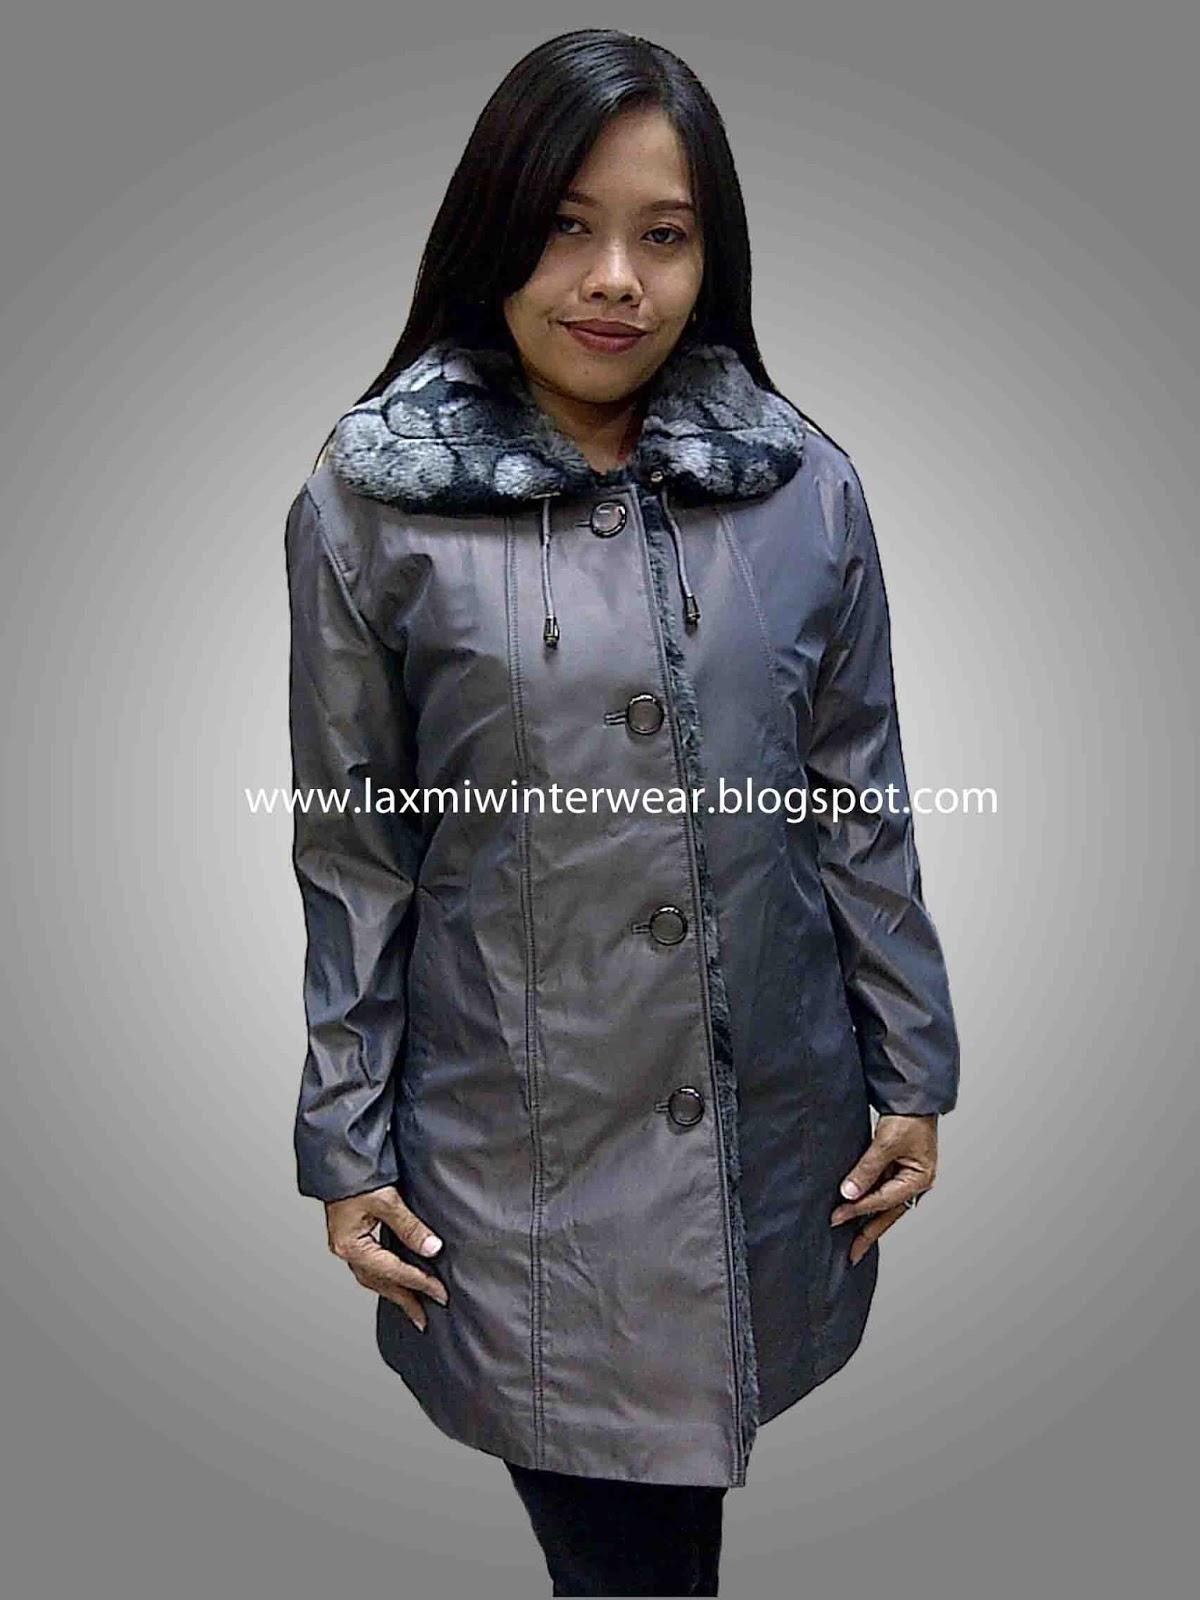 Cheap overcoats